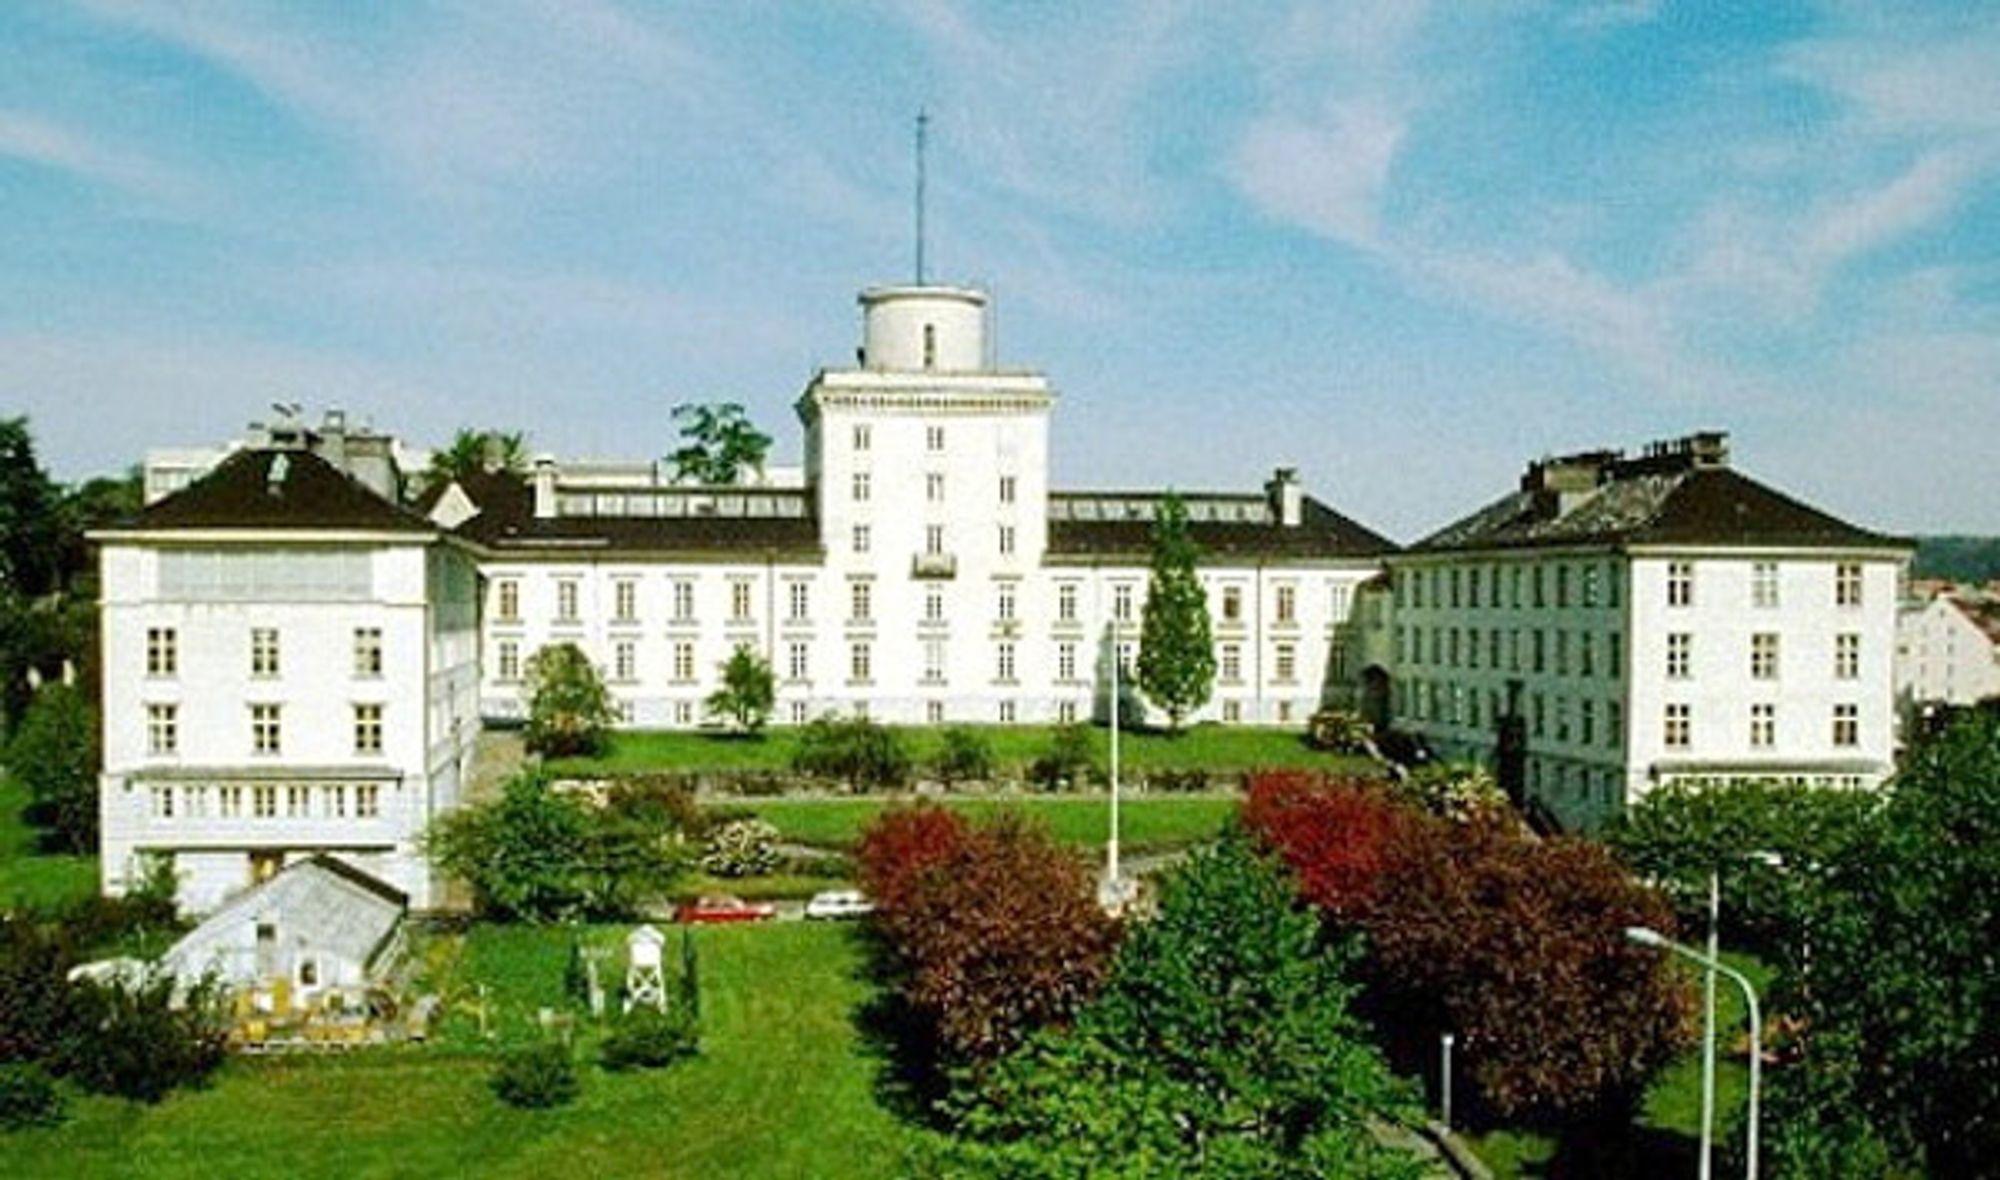 Universitetet i Bergen skal få oppdatert og moderne byggautomasjon der 90 bygg er samlet i ett system.